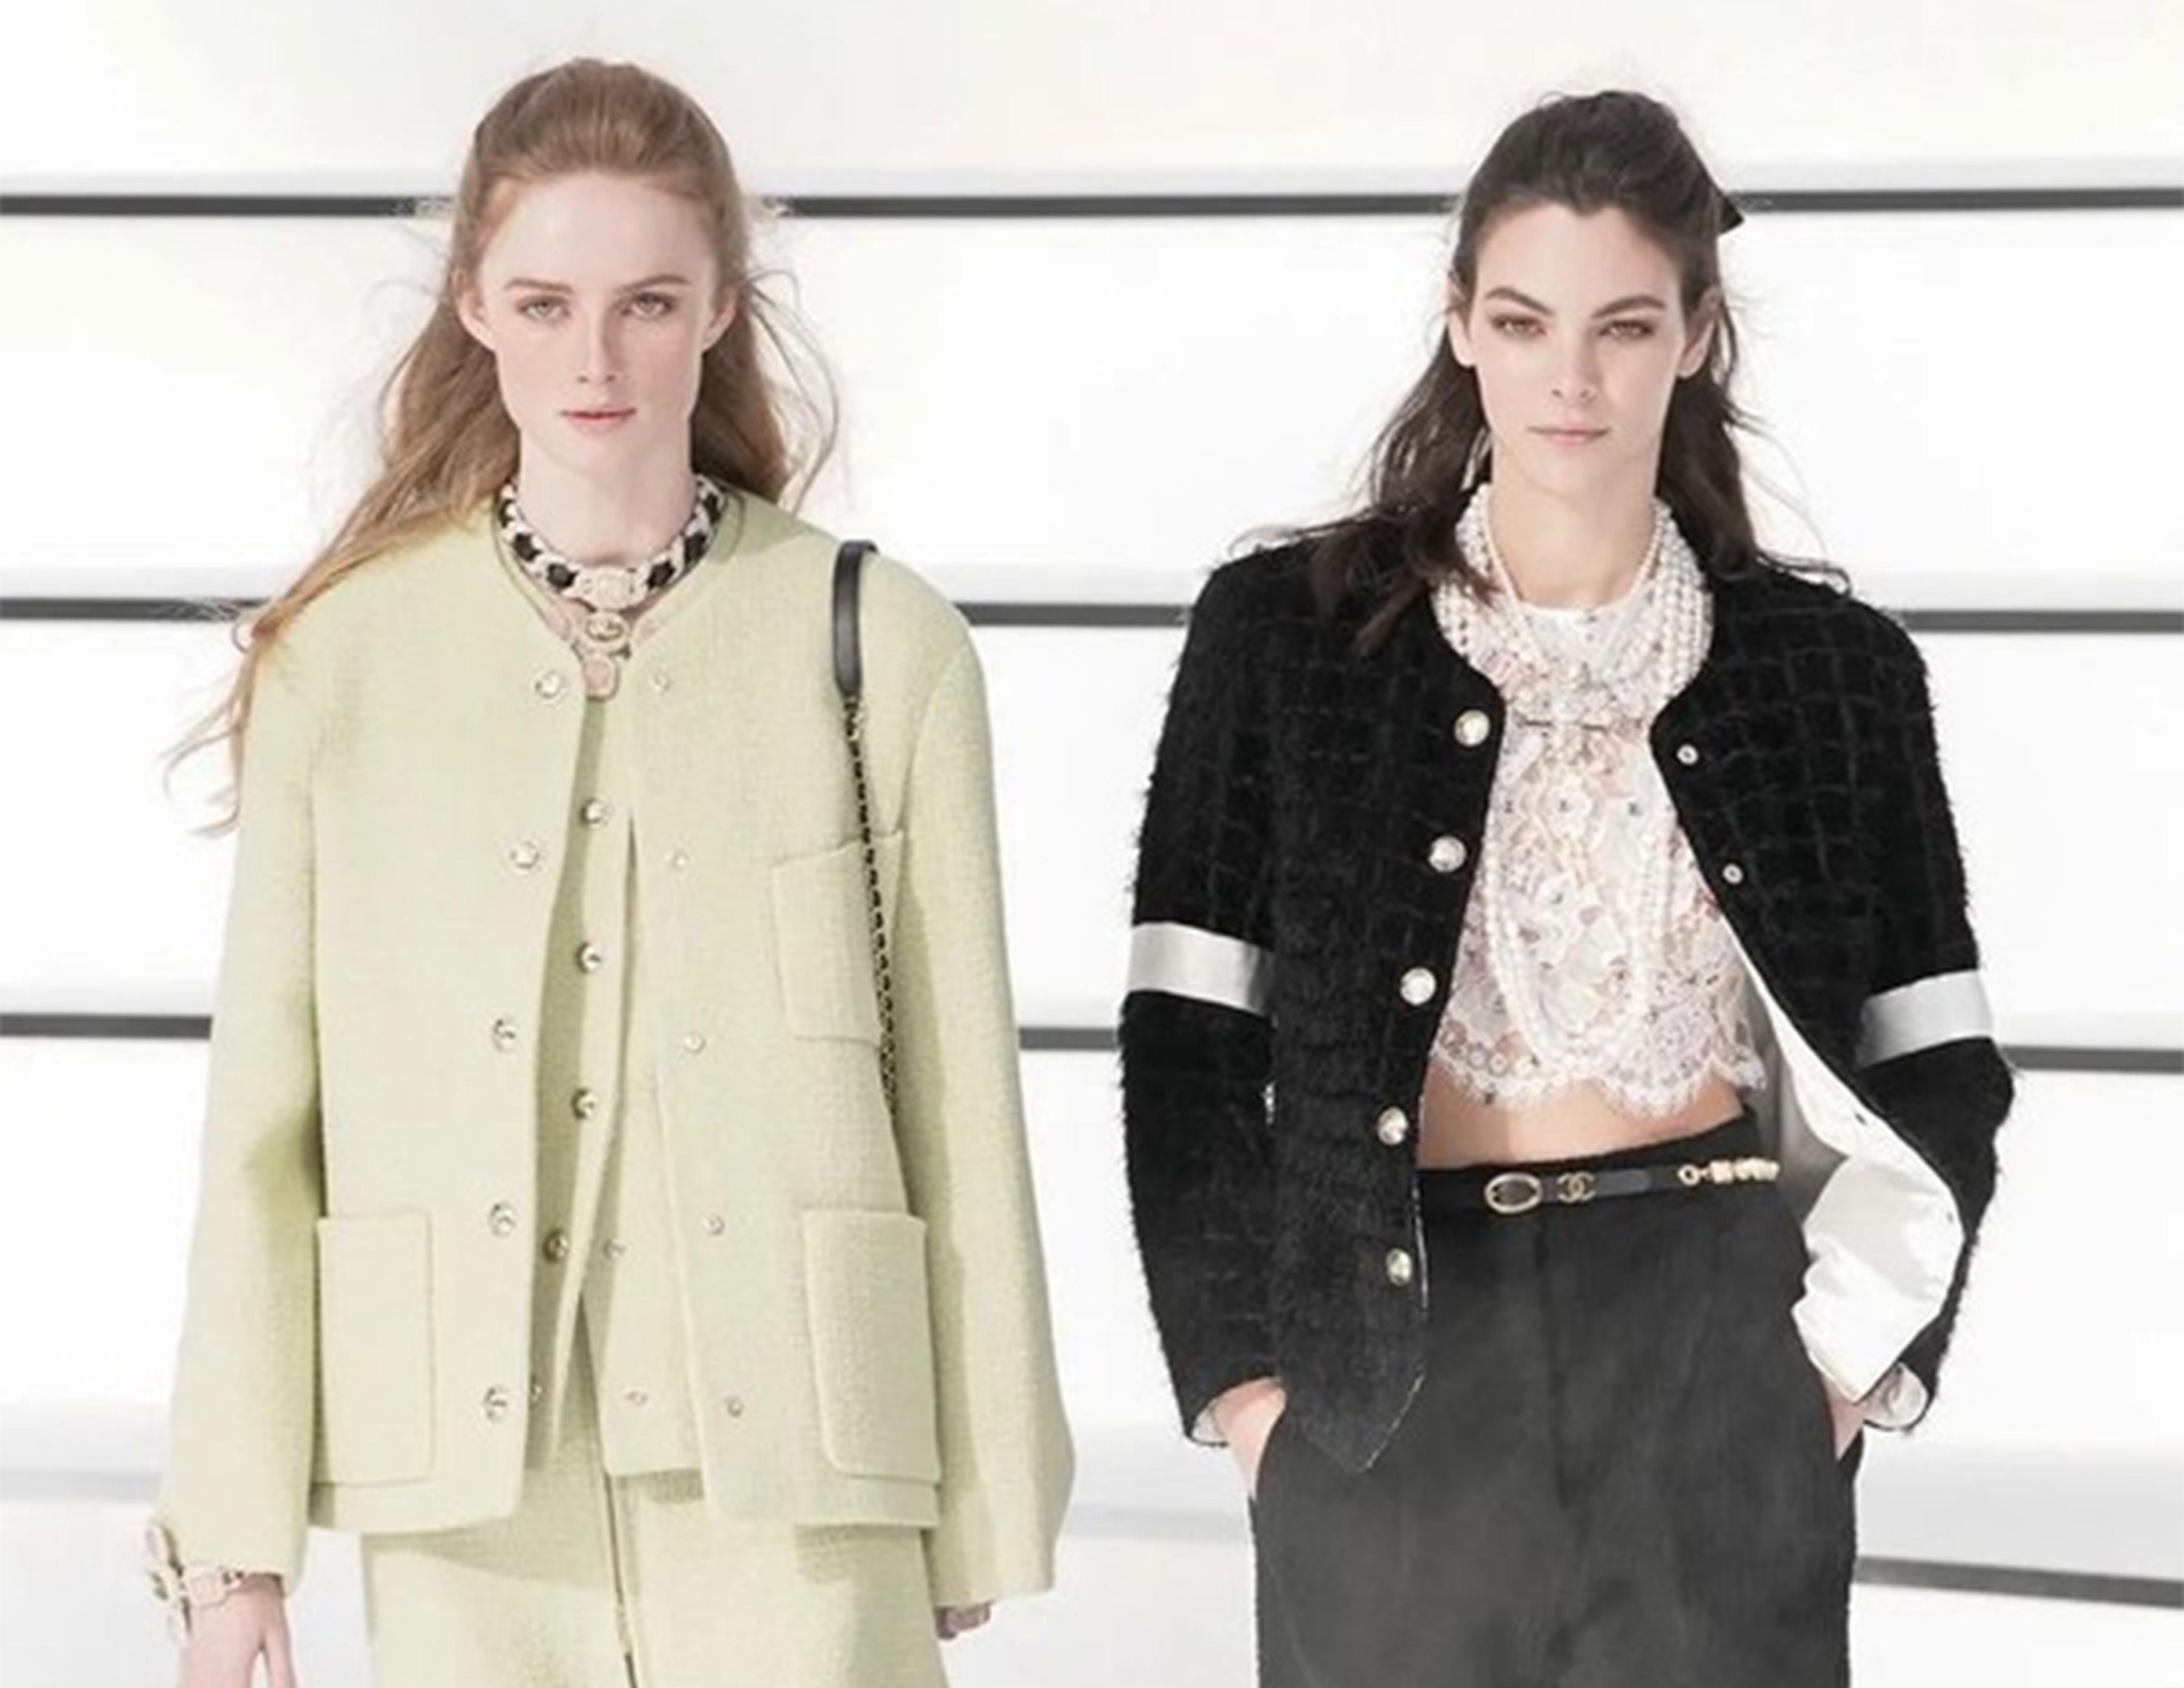 巴洛克珠宝、骑士裤、申博现金网官网登入、还有结伴走秀! Chanel这一季太太太美了吧!